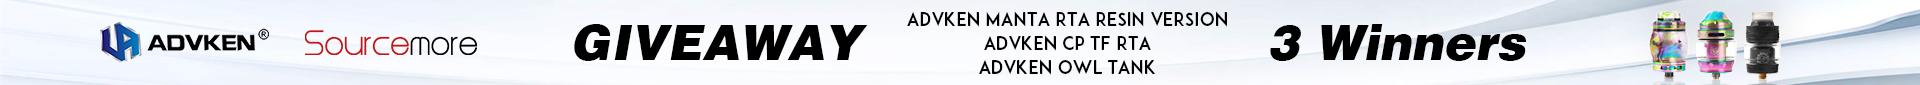 Advken & Sourcemore Giveaway